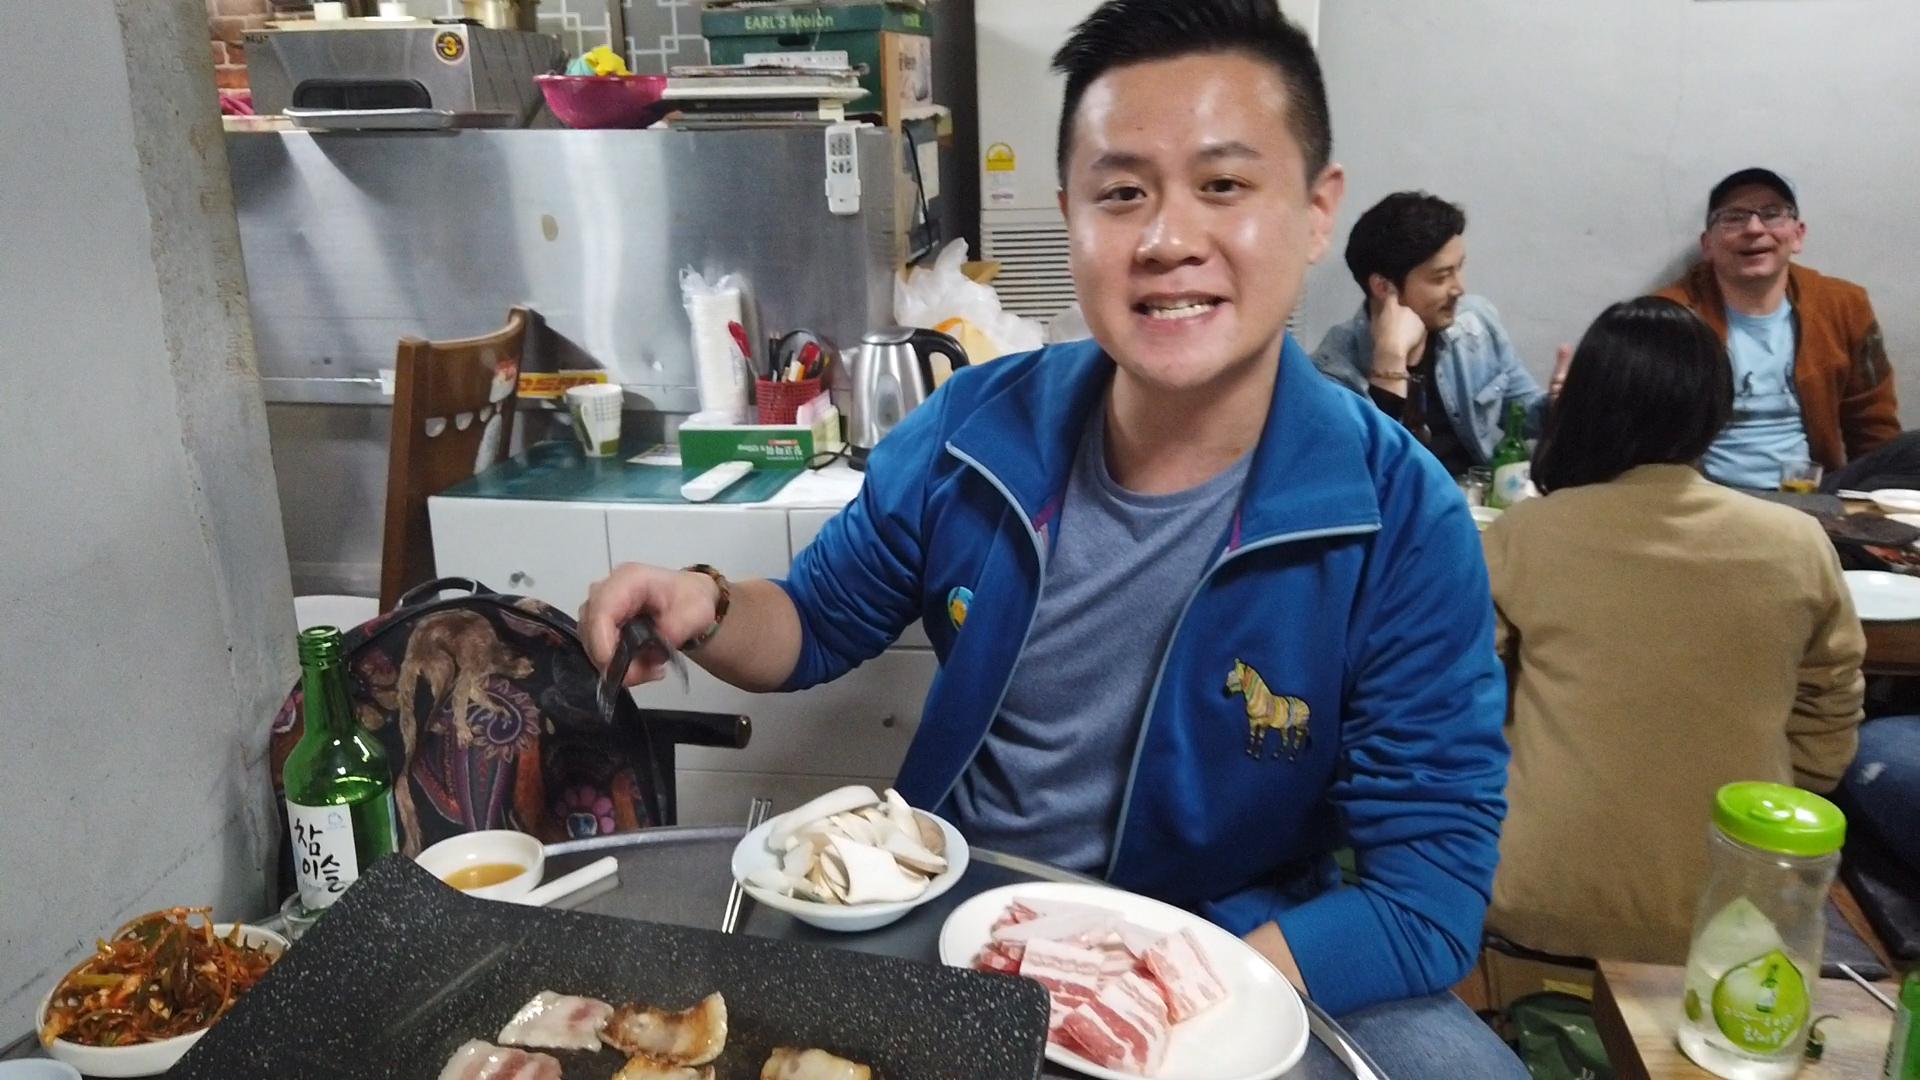 【Deluxe】王子出巡日記 ─ 首爾站:輕鬆遊首爾 韓國美食必吃清單 —— 烤韓牛 醬油蟹